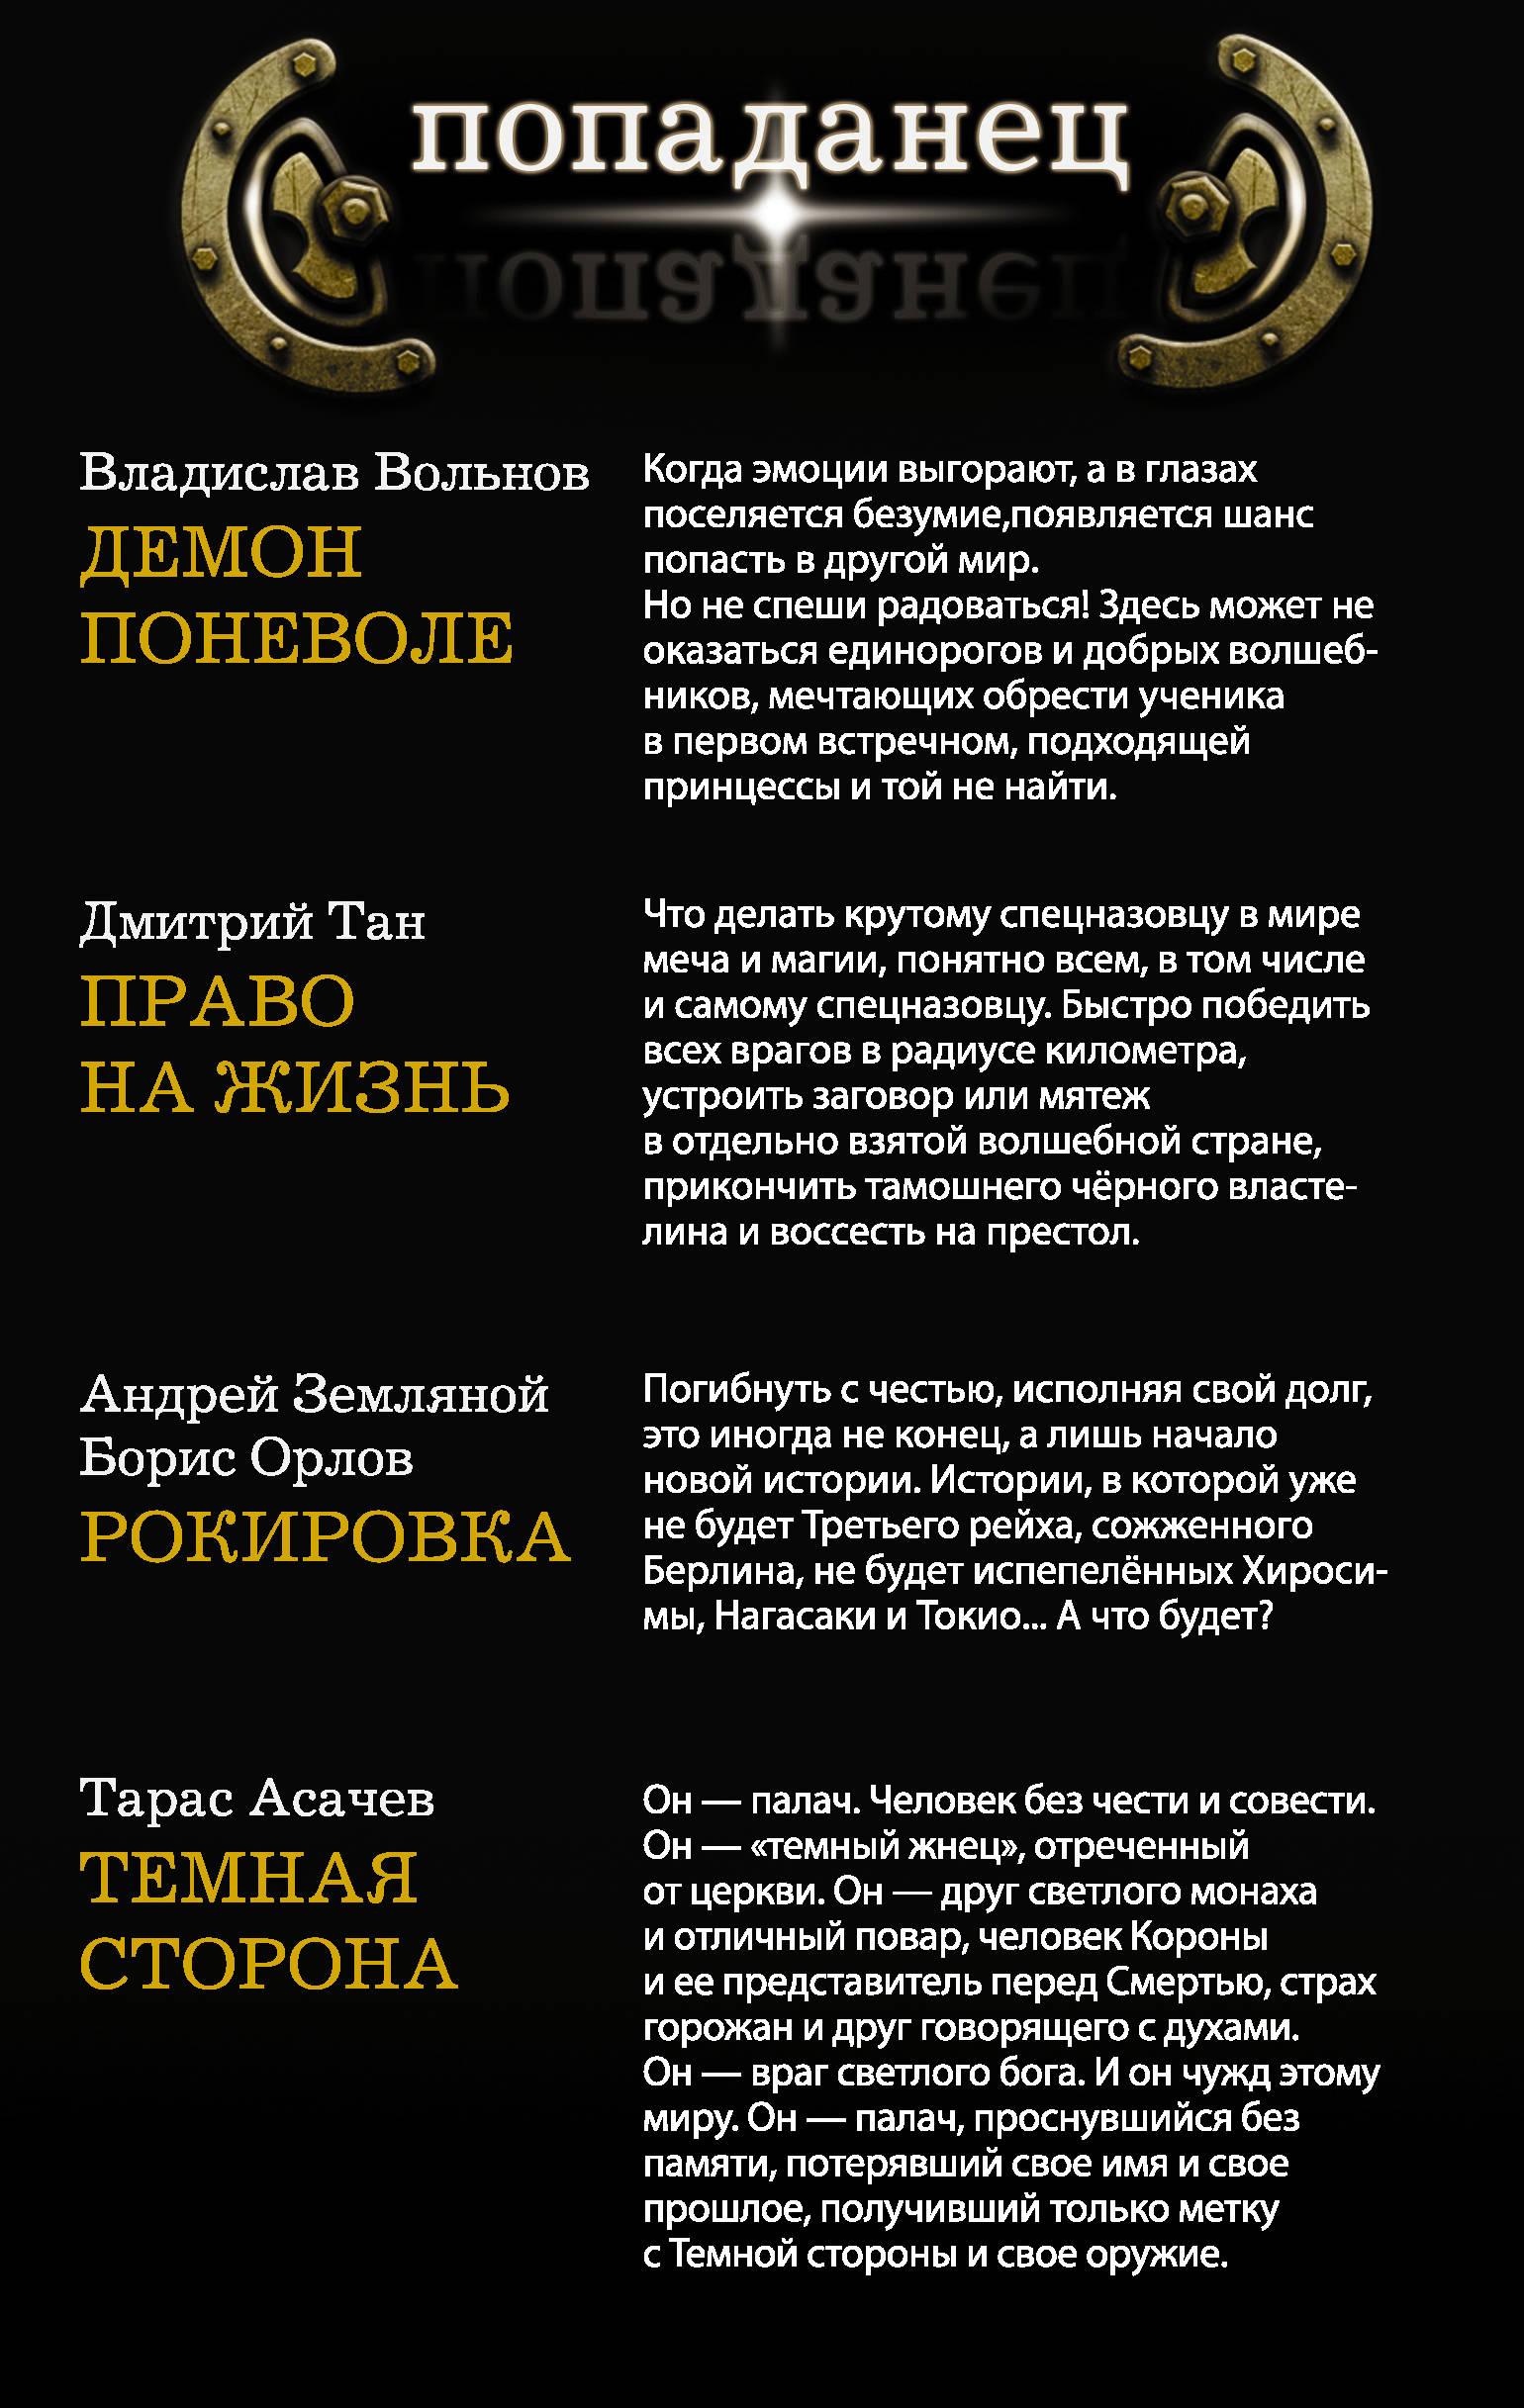 Попаданец (комплект из 4 книг). Андрей Земляной, Борис Орлов, Владислав Вольнов, Дмитрий Тан